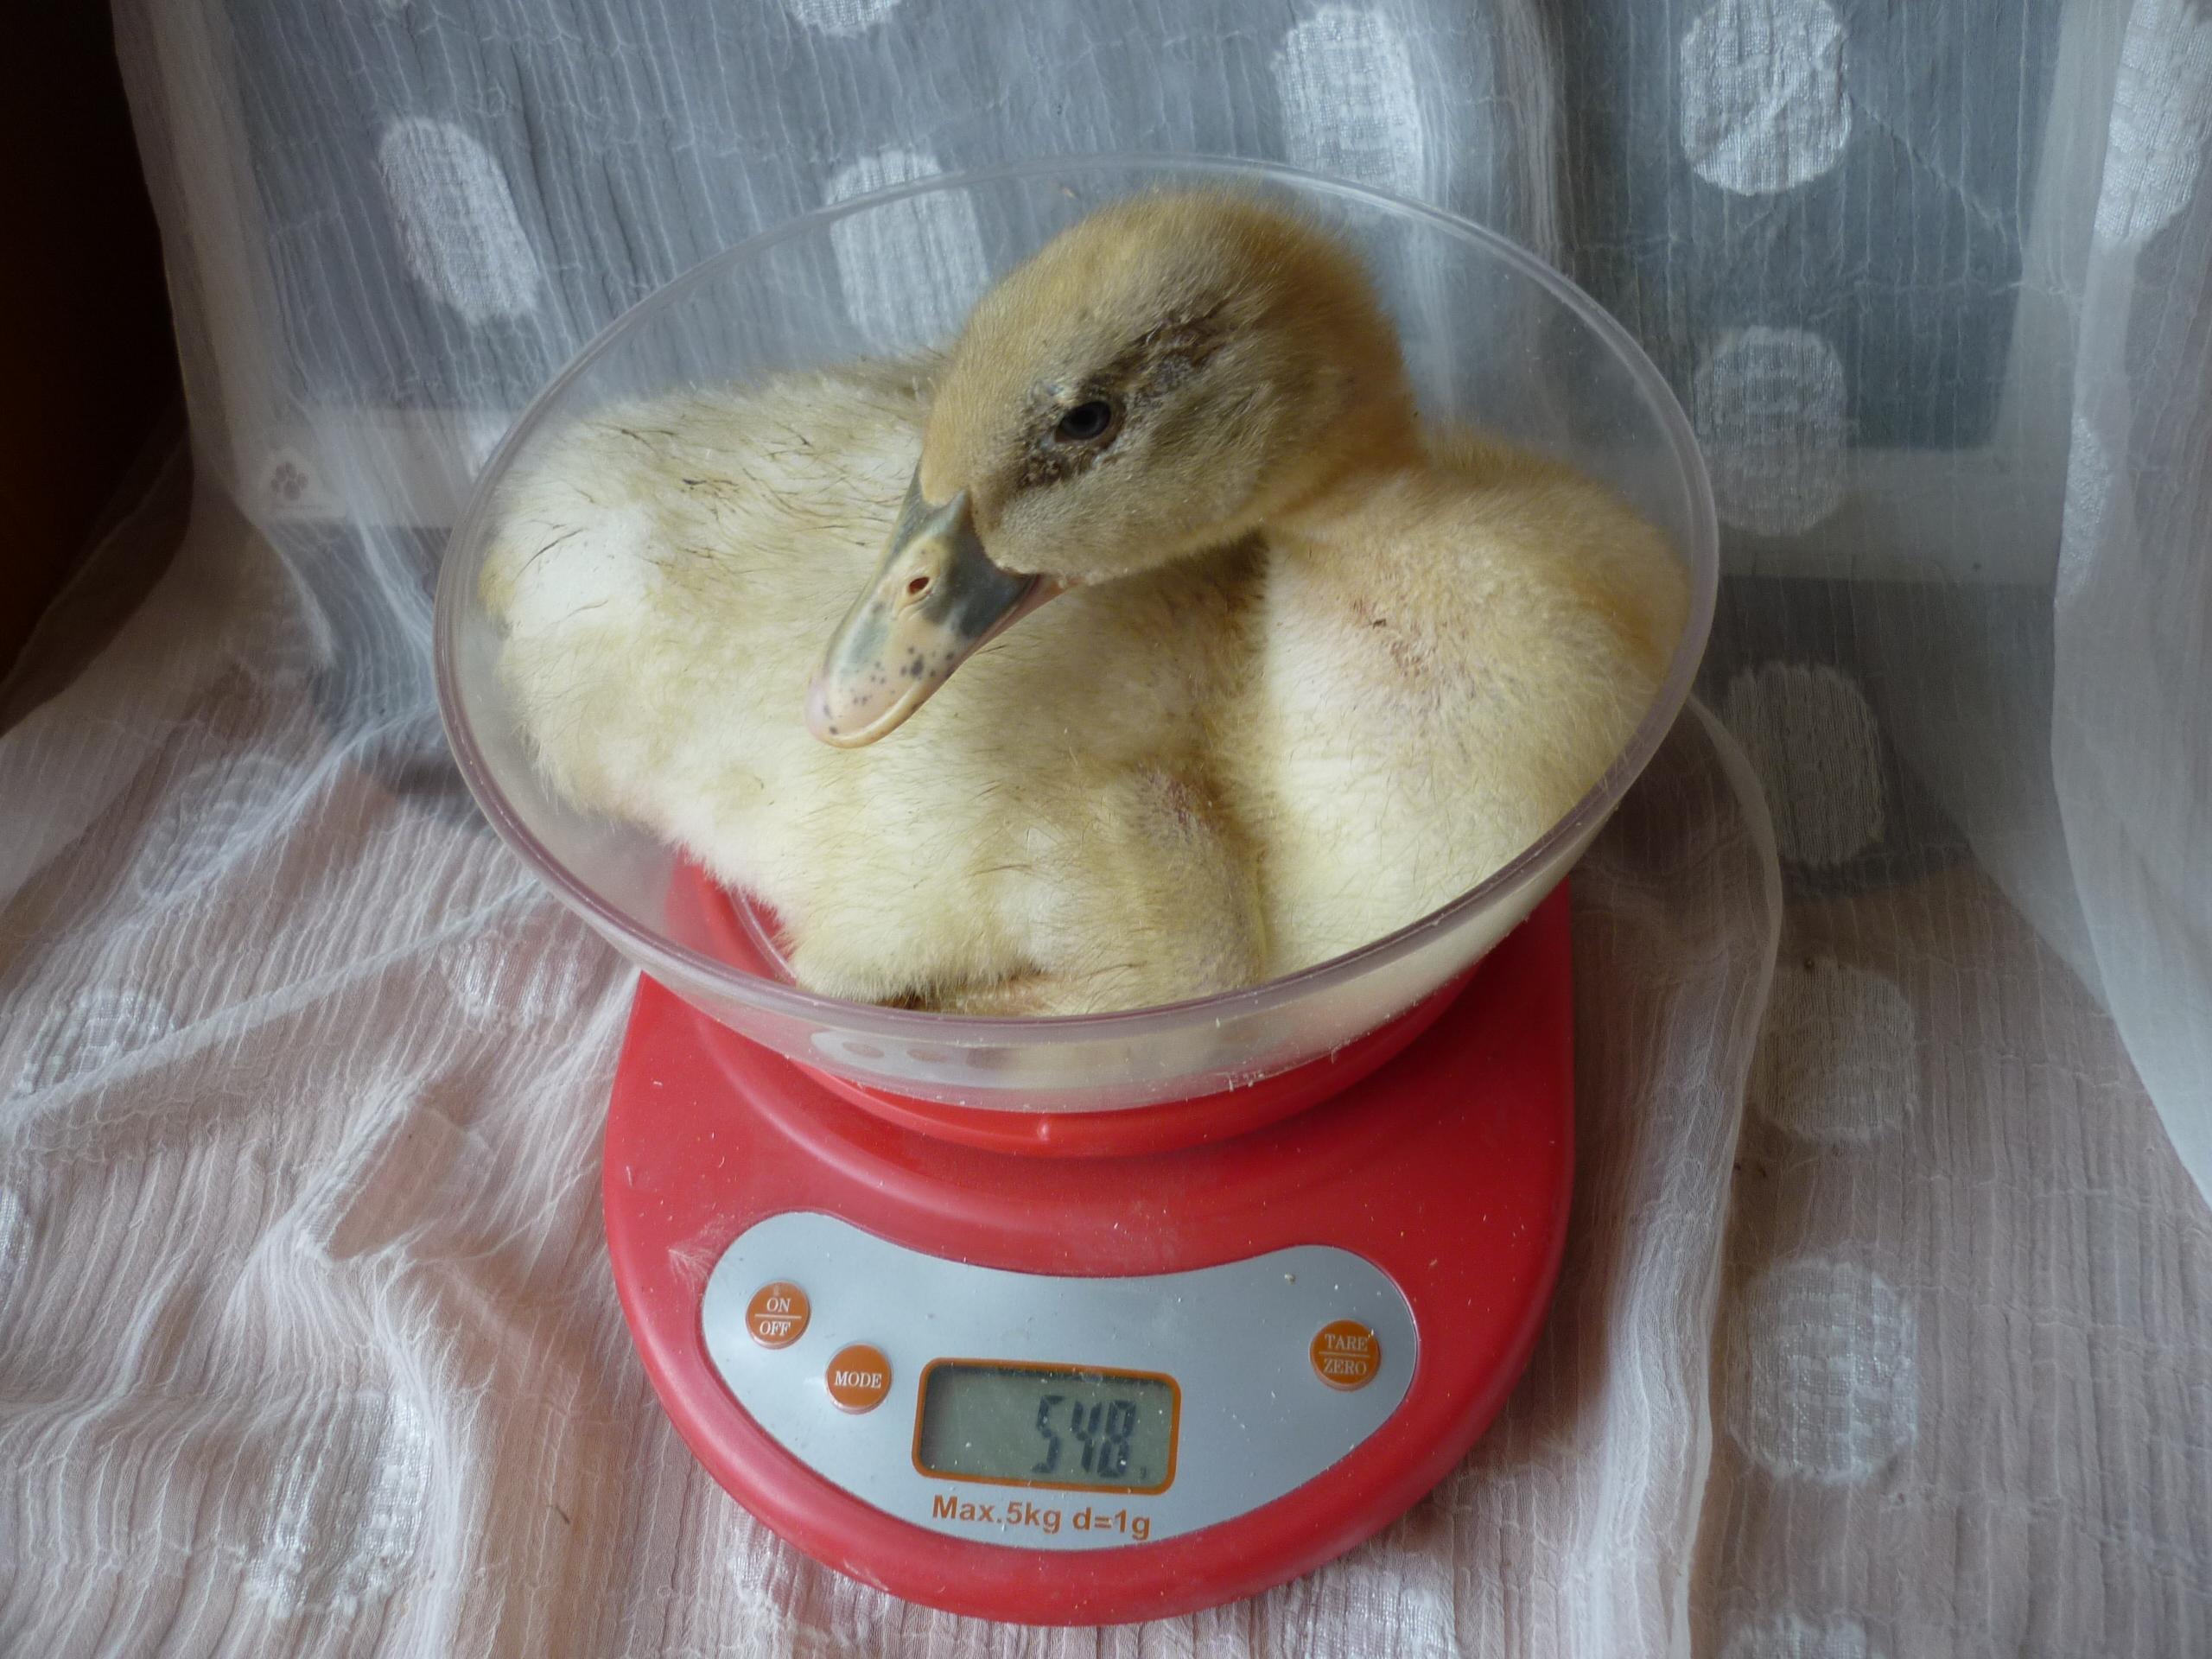 Живой вес взрослой утки - от 5 кг